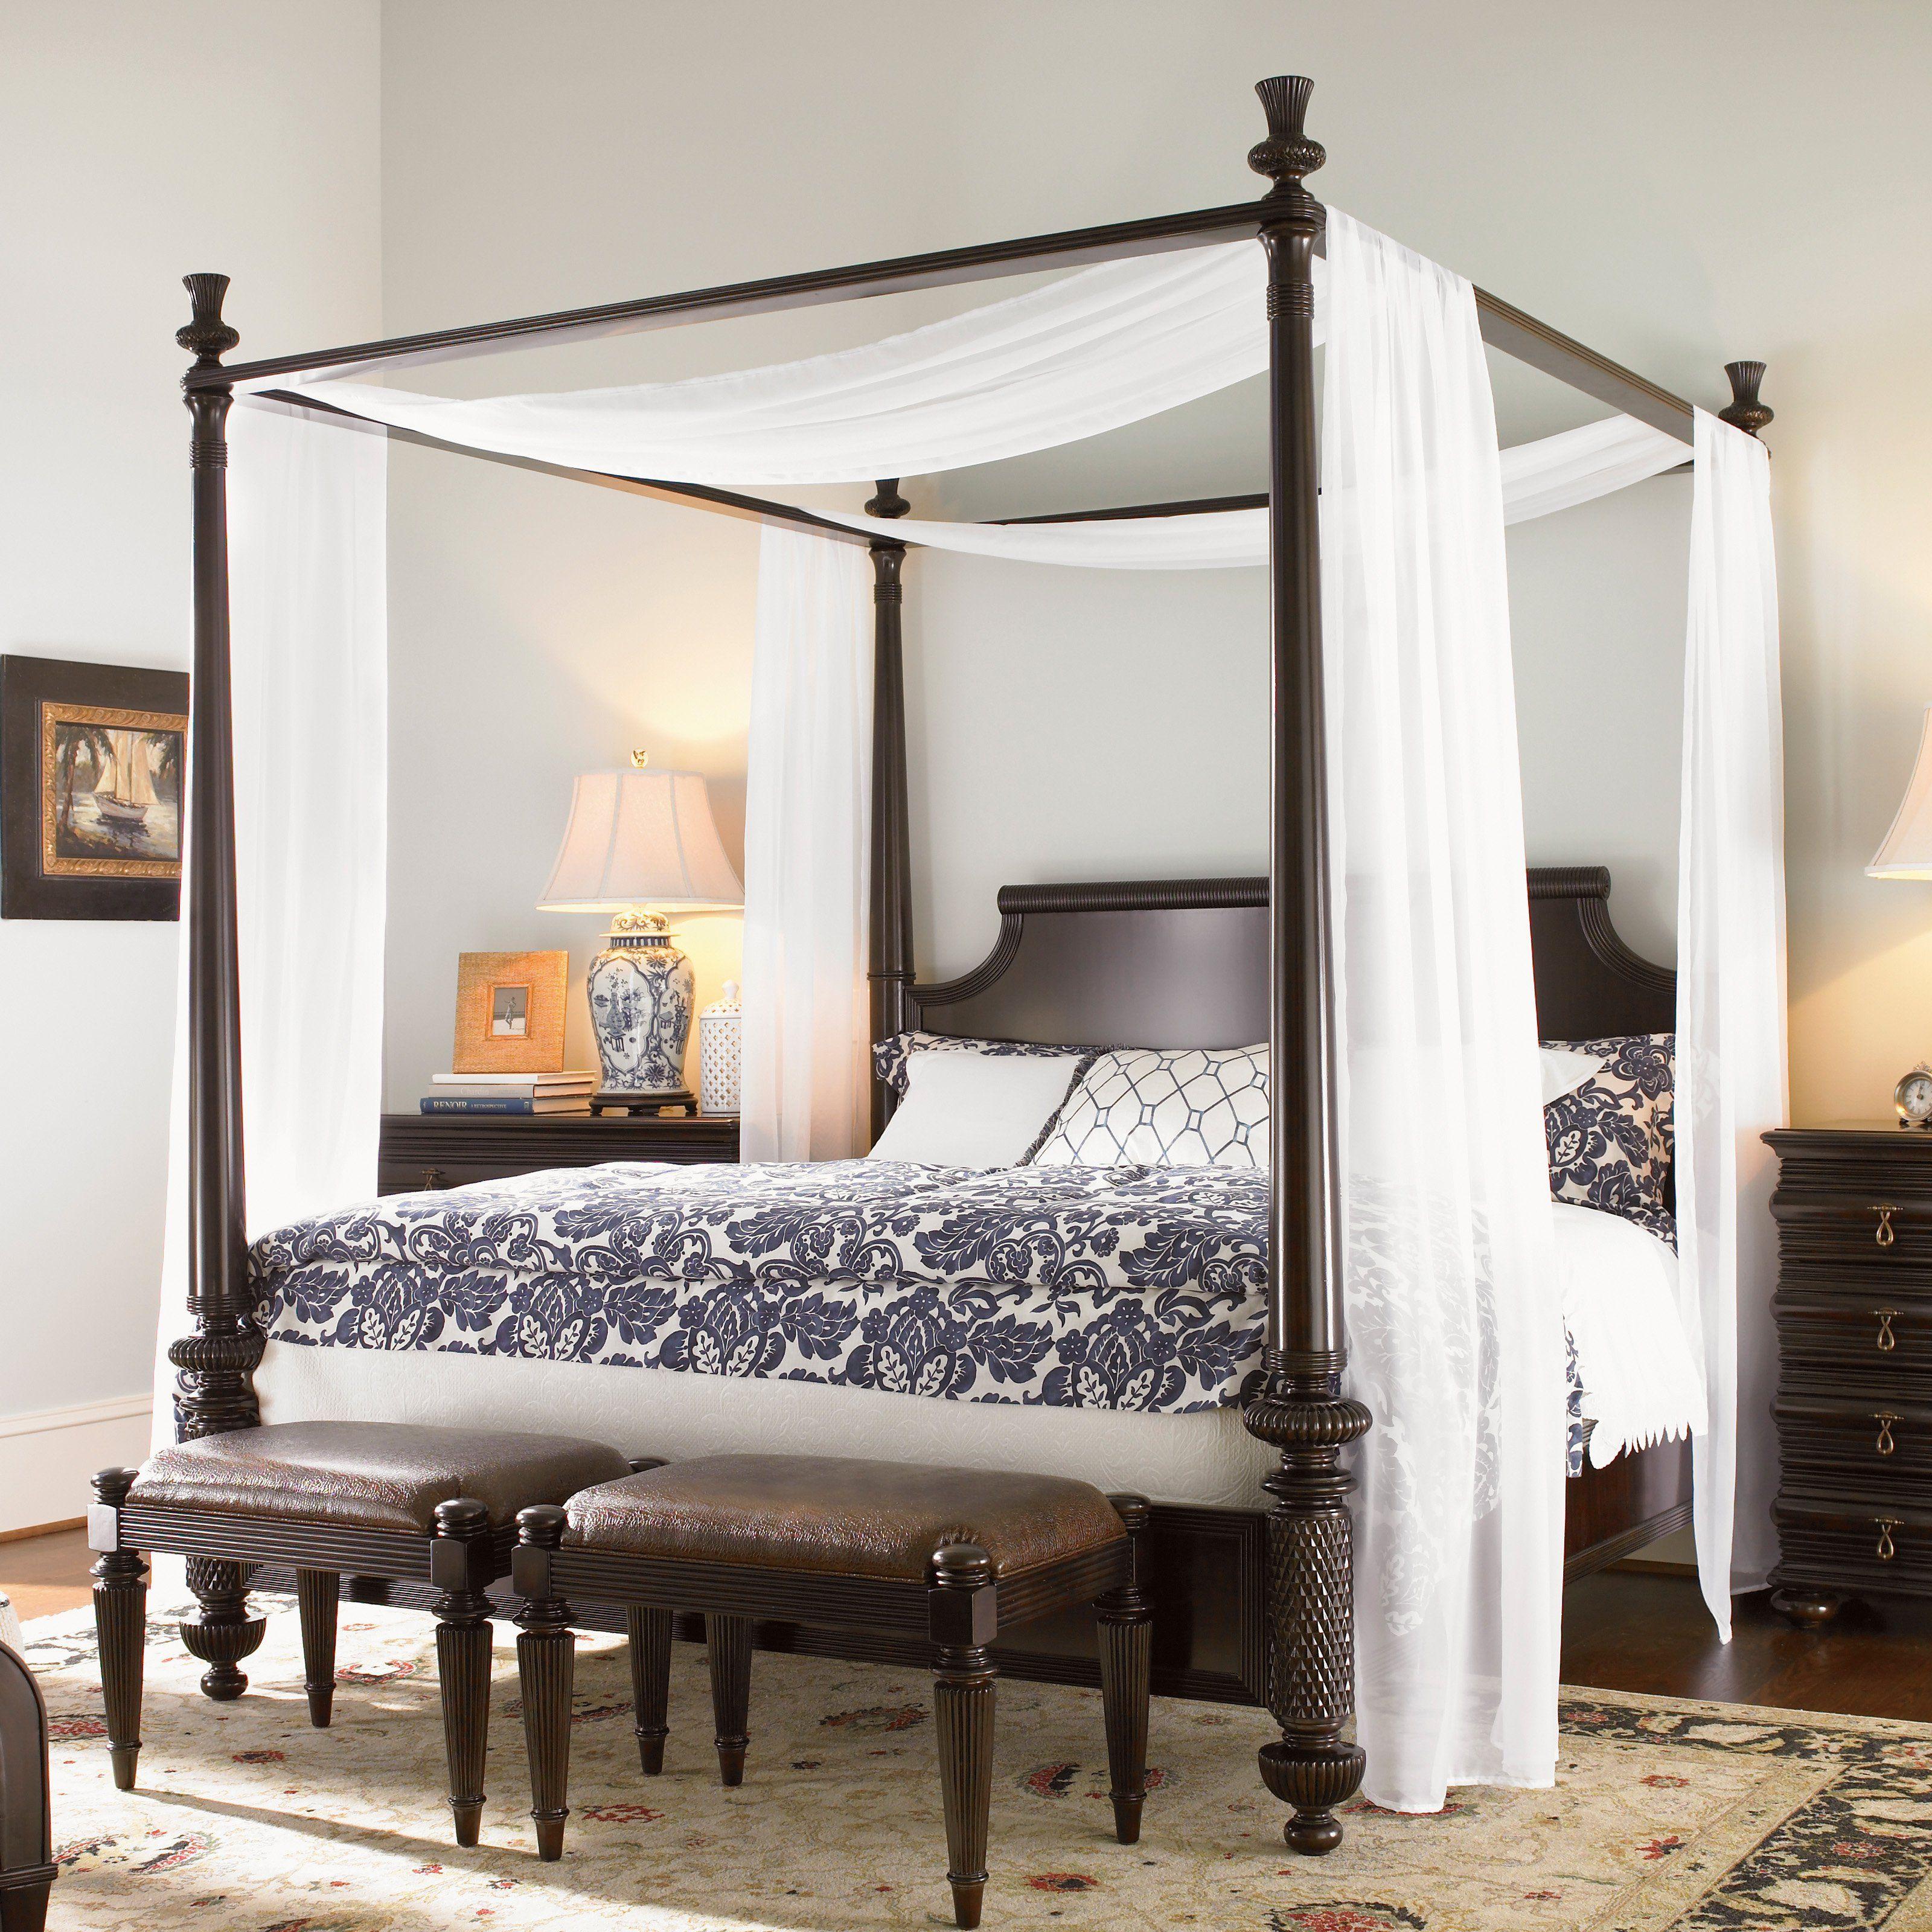 Tommy Bahama Royal Kahala Diamond Head Canopy Bed Canopy Bedroom Sets Modern Bedroom Decor Canopy Bed